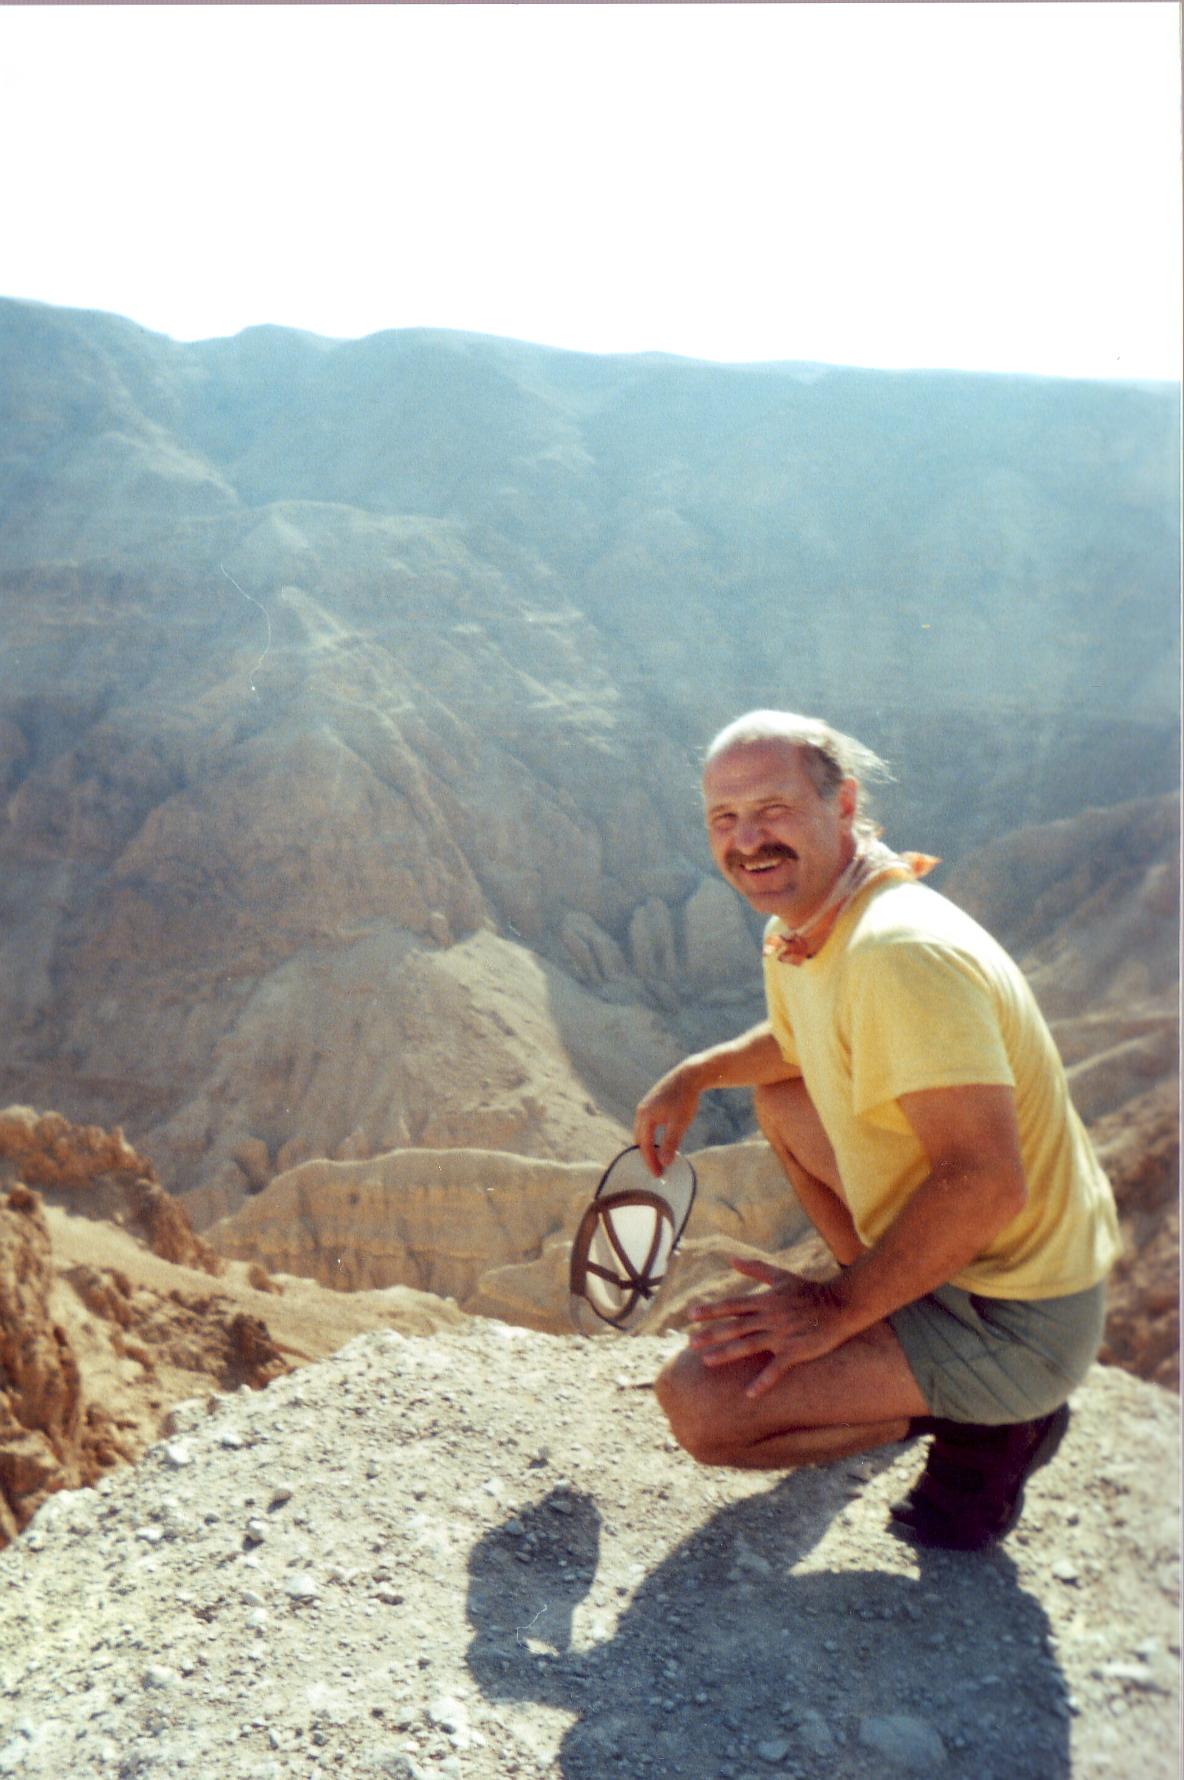 Израиль, снятый мыльницей. небрежно отсканированный и волшебно отретушированный